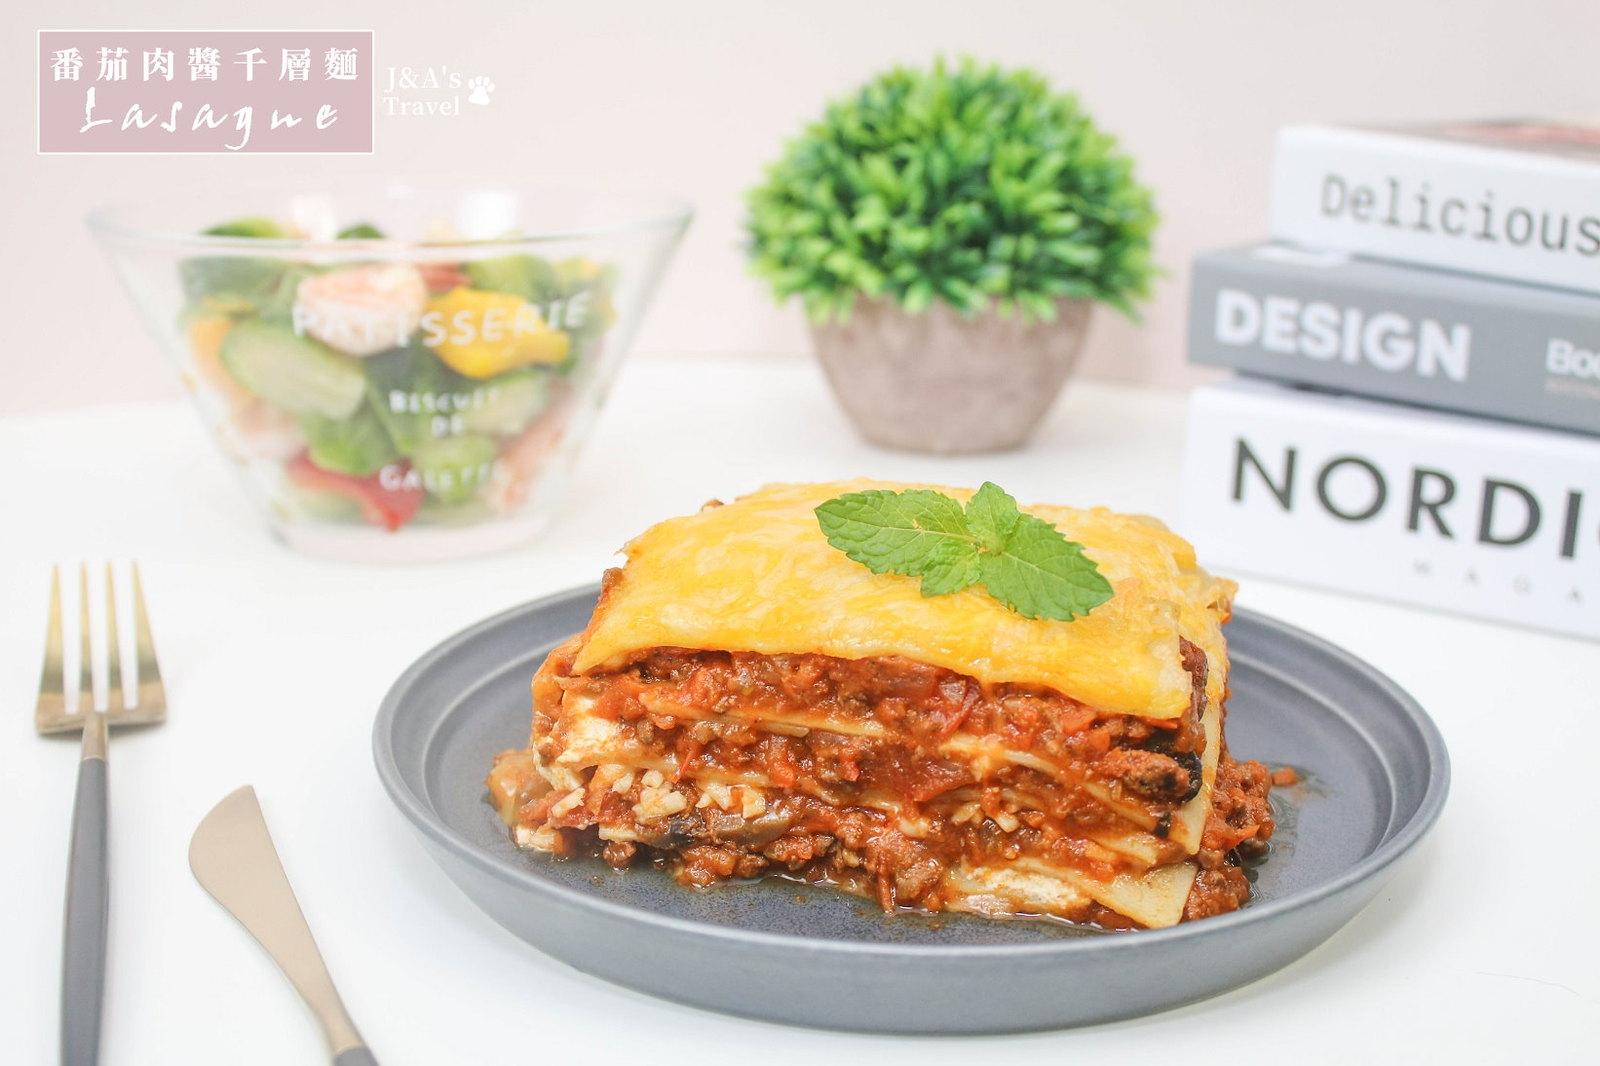 【食譜】番茄肉醬千層麵 燉煮後的肉醬更綿密,加入多種蔬菜味道豐富有層次 @J&A的旅行